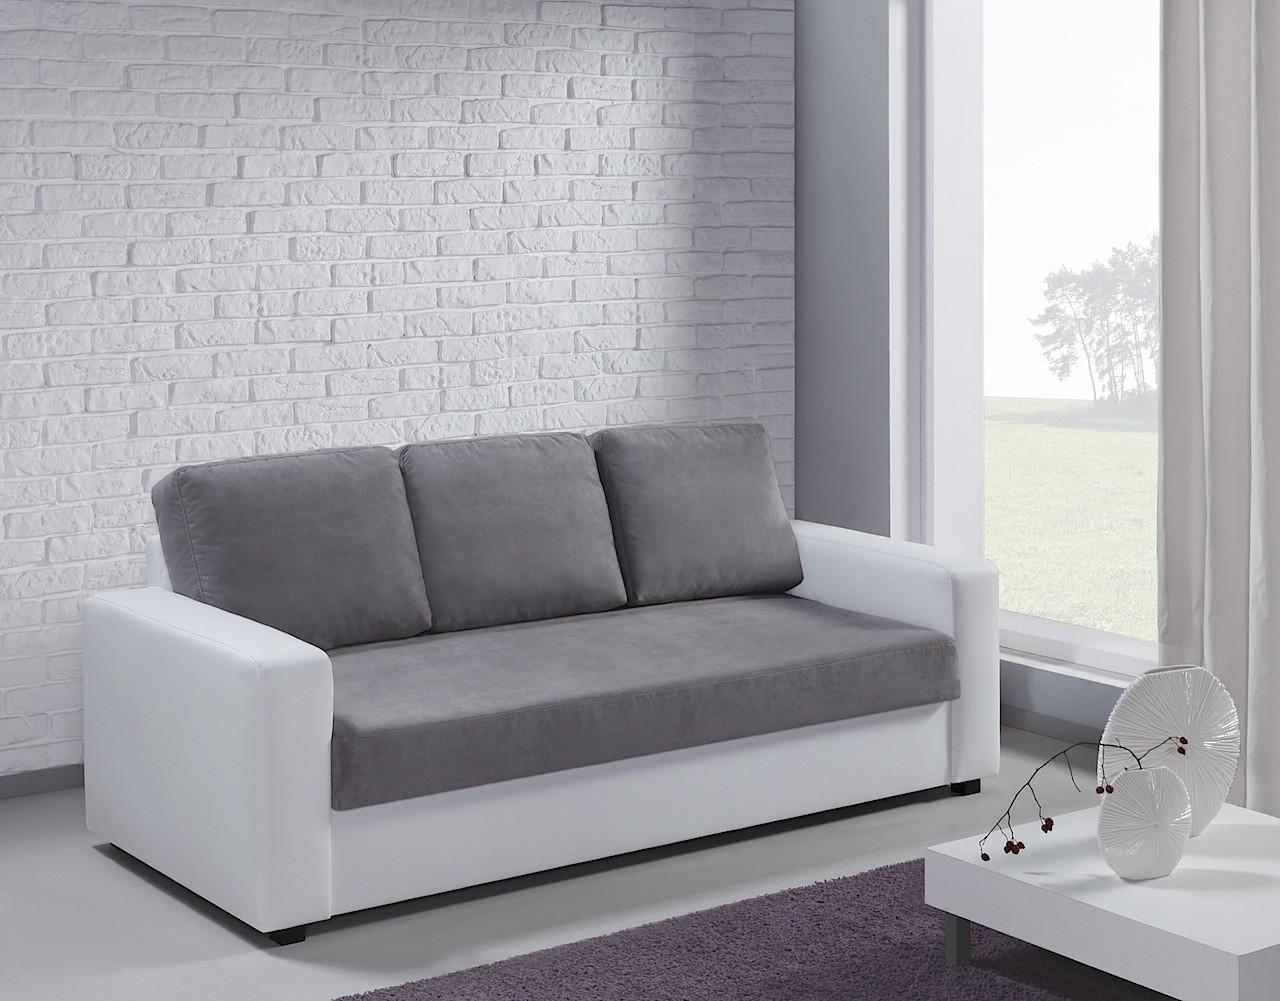 Canapé 3 places Esther blanc et gris